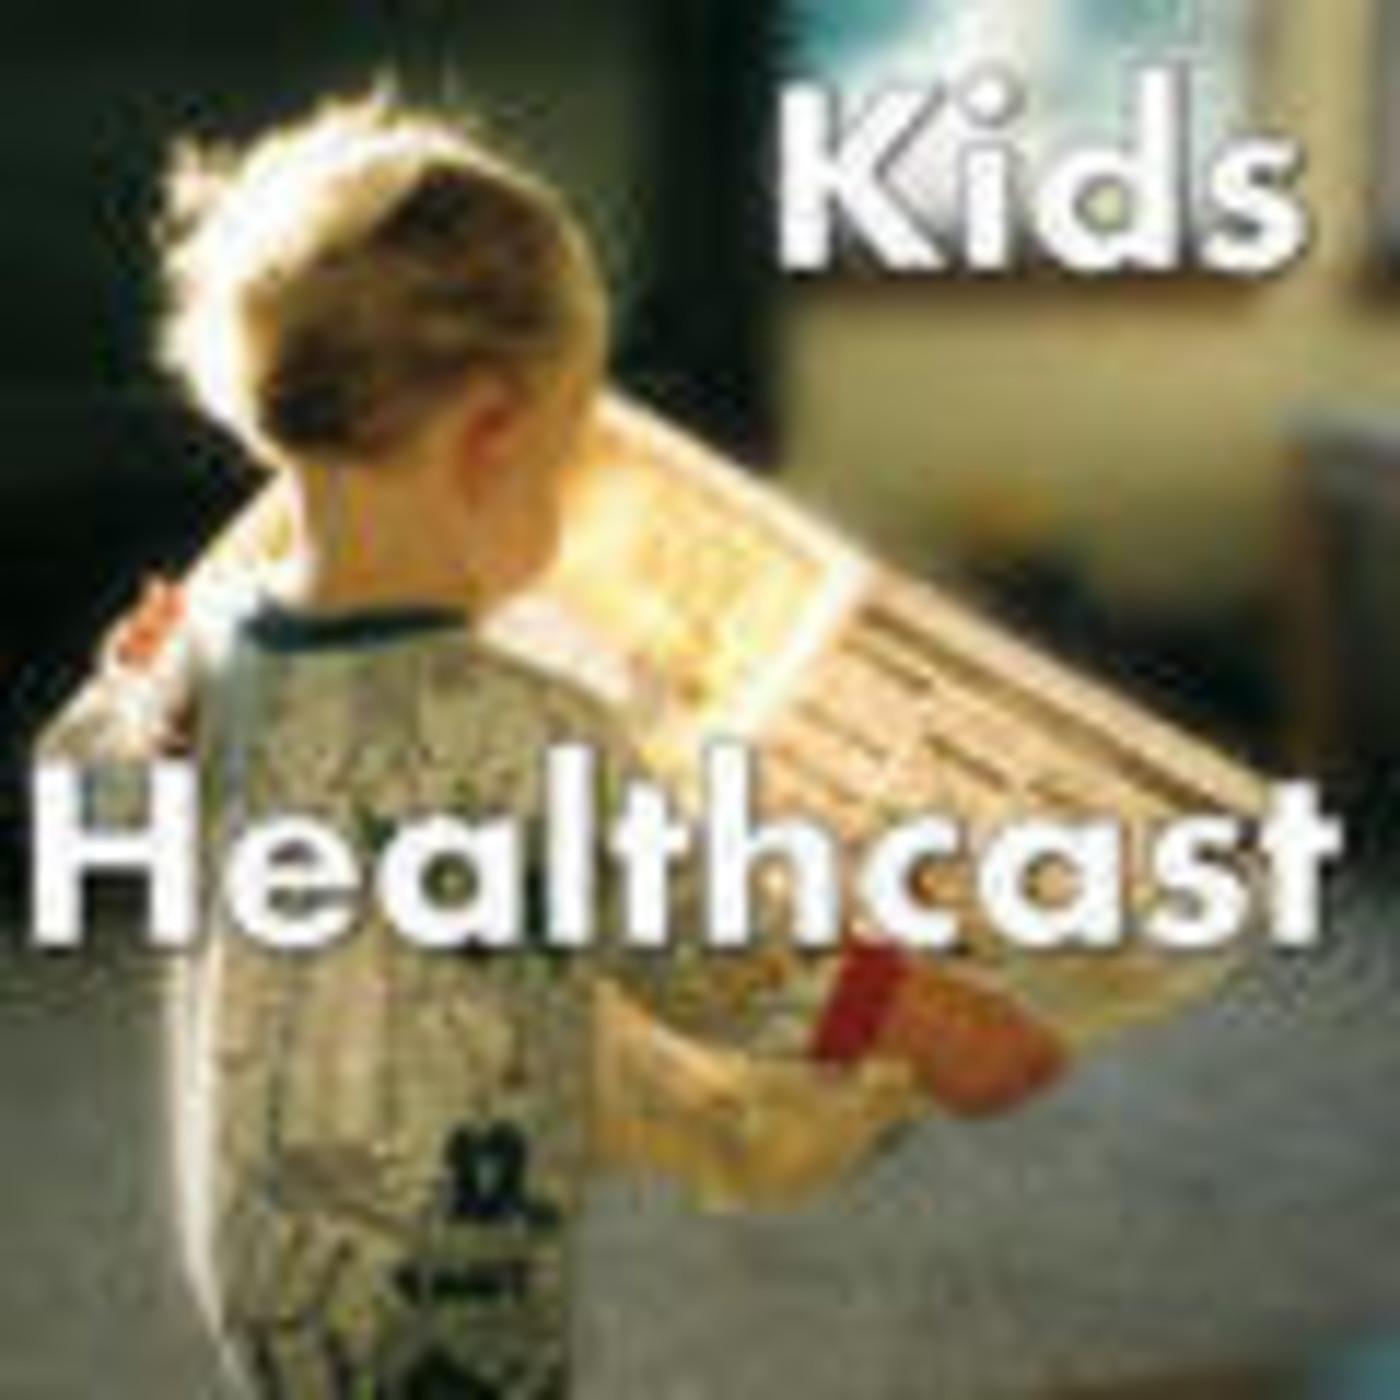 Kids Healthcast